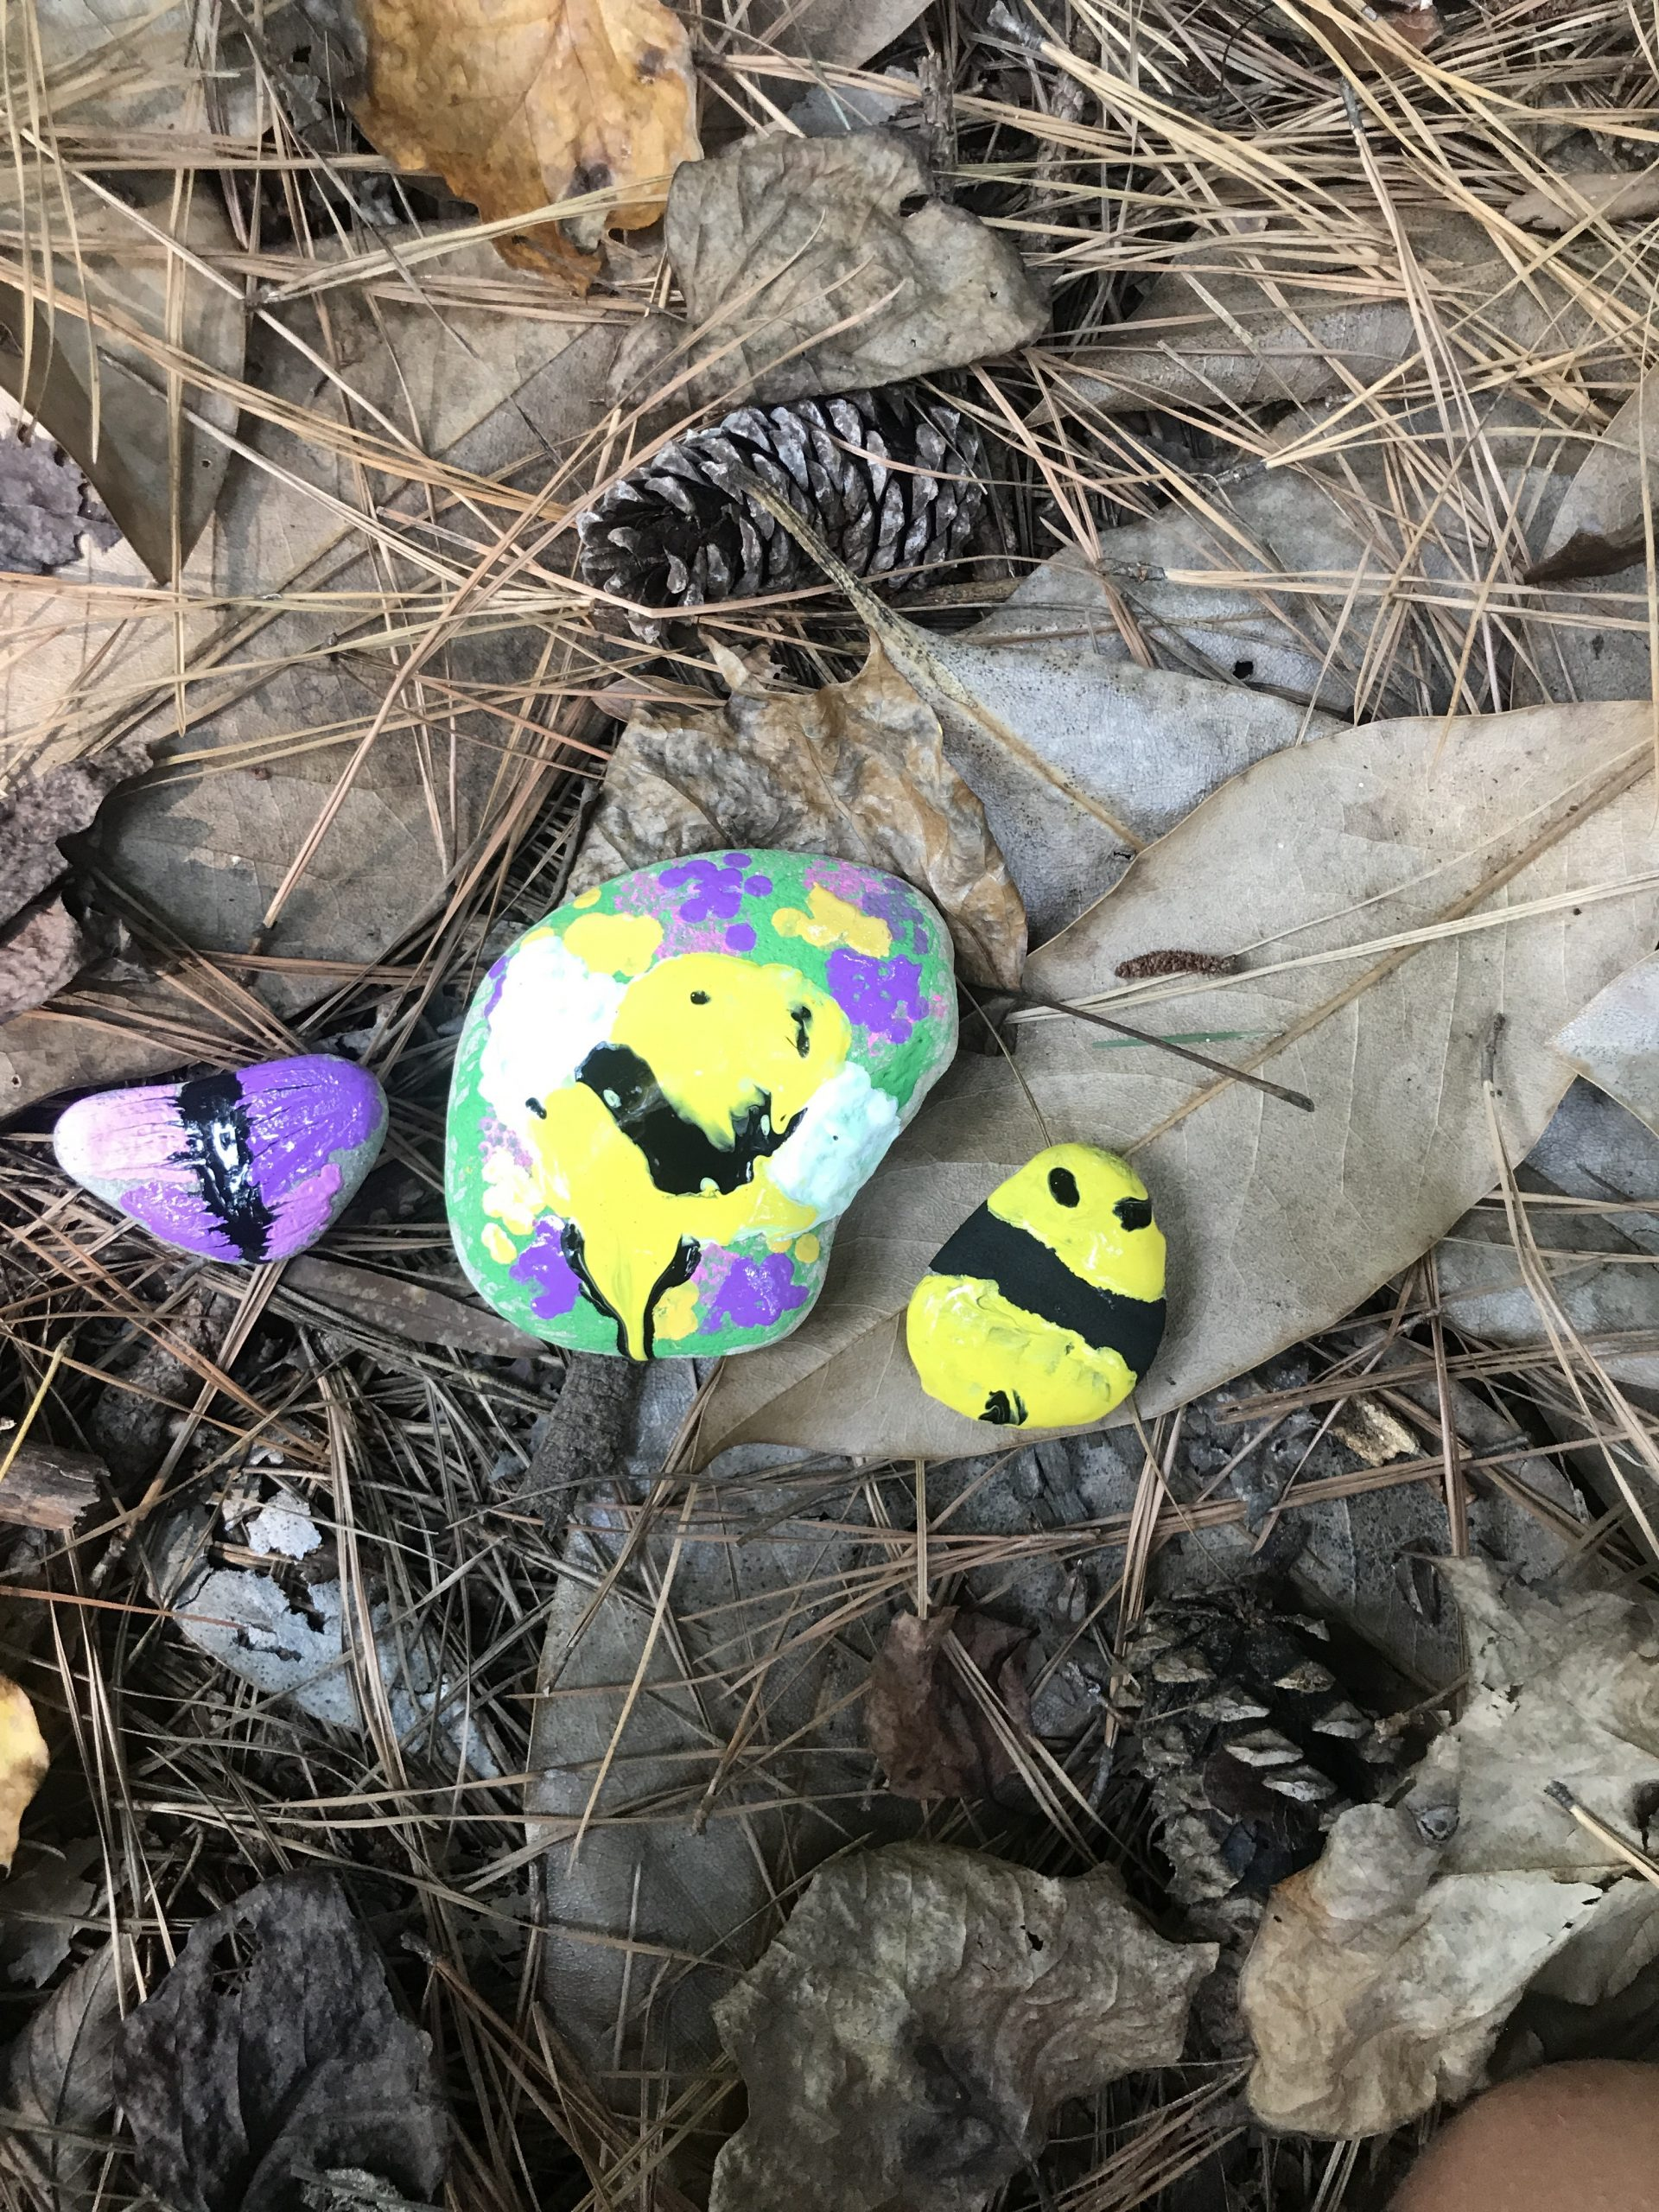 Three rocks painted like bees